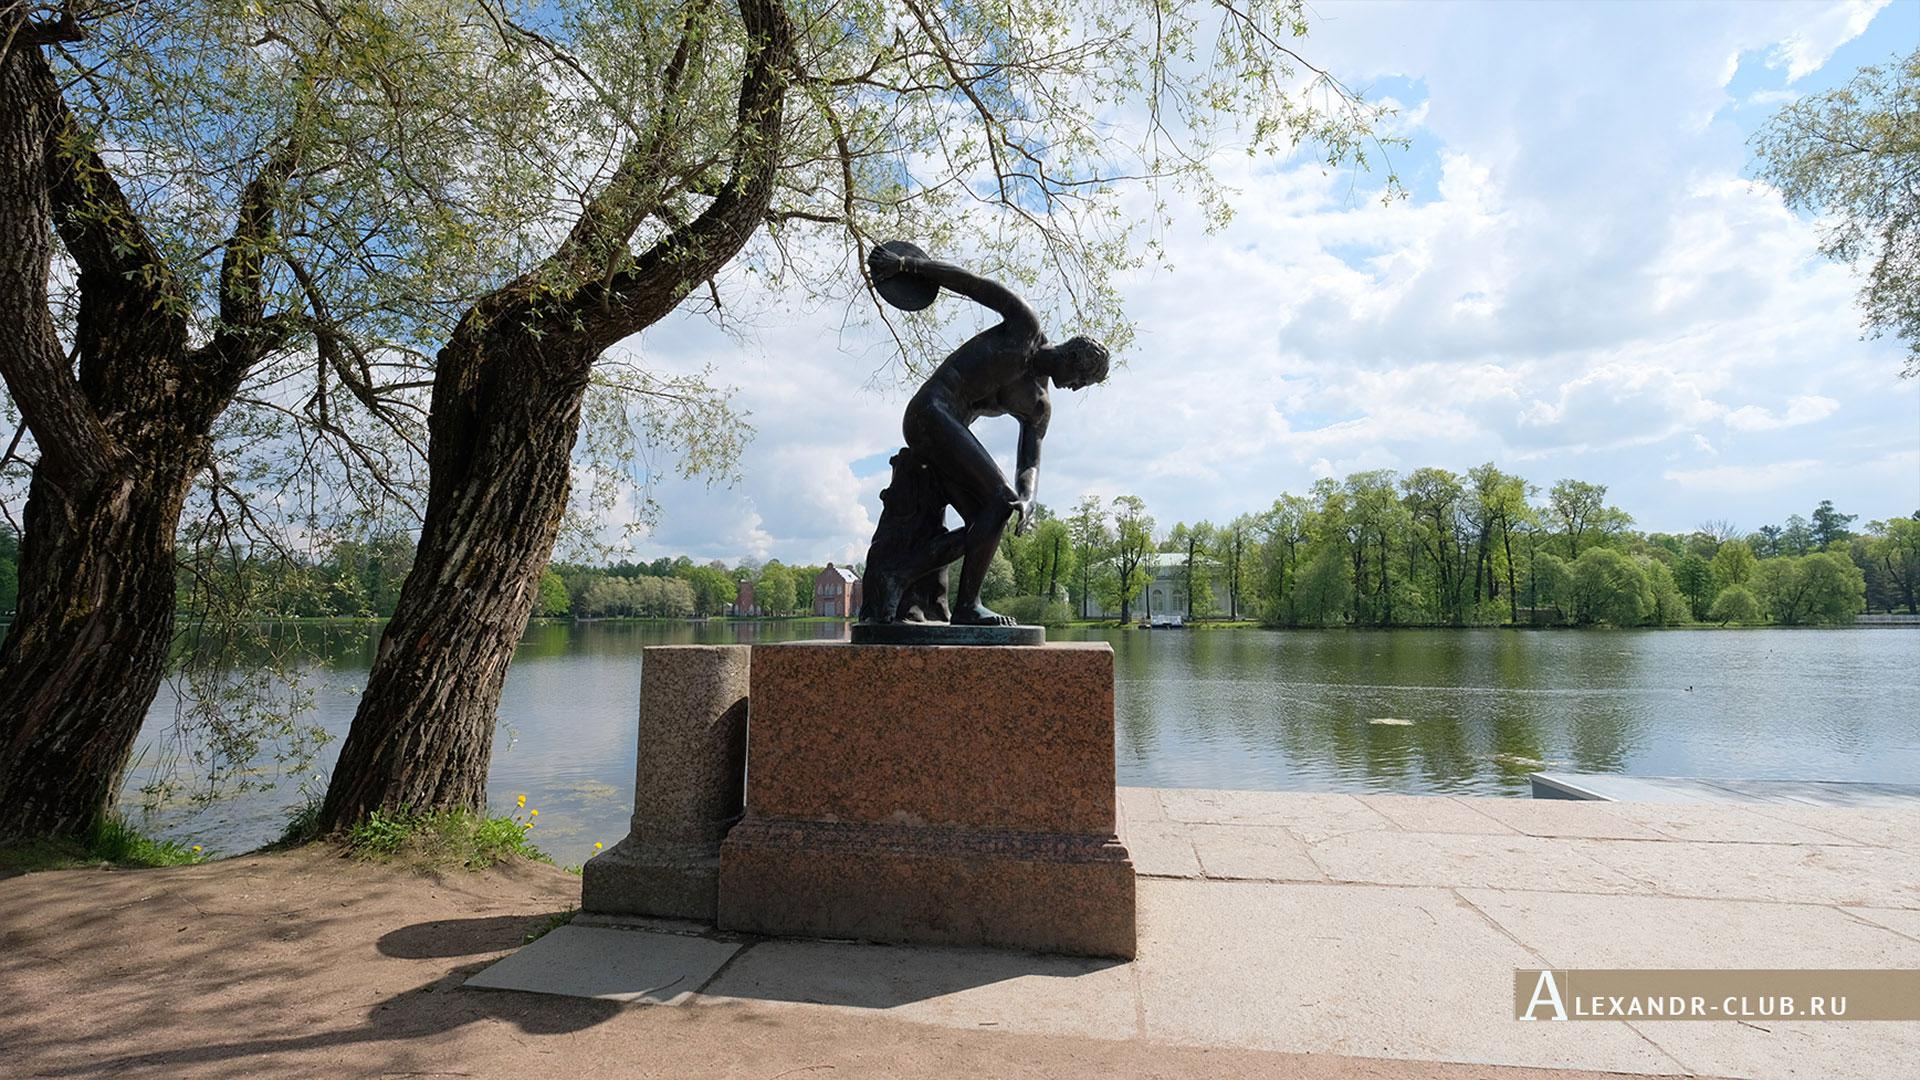 Царское Село, весна, Екатерининский парк, Большой пруд, Дискобол